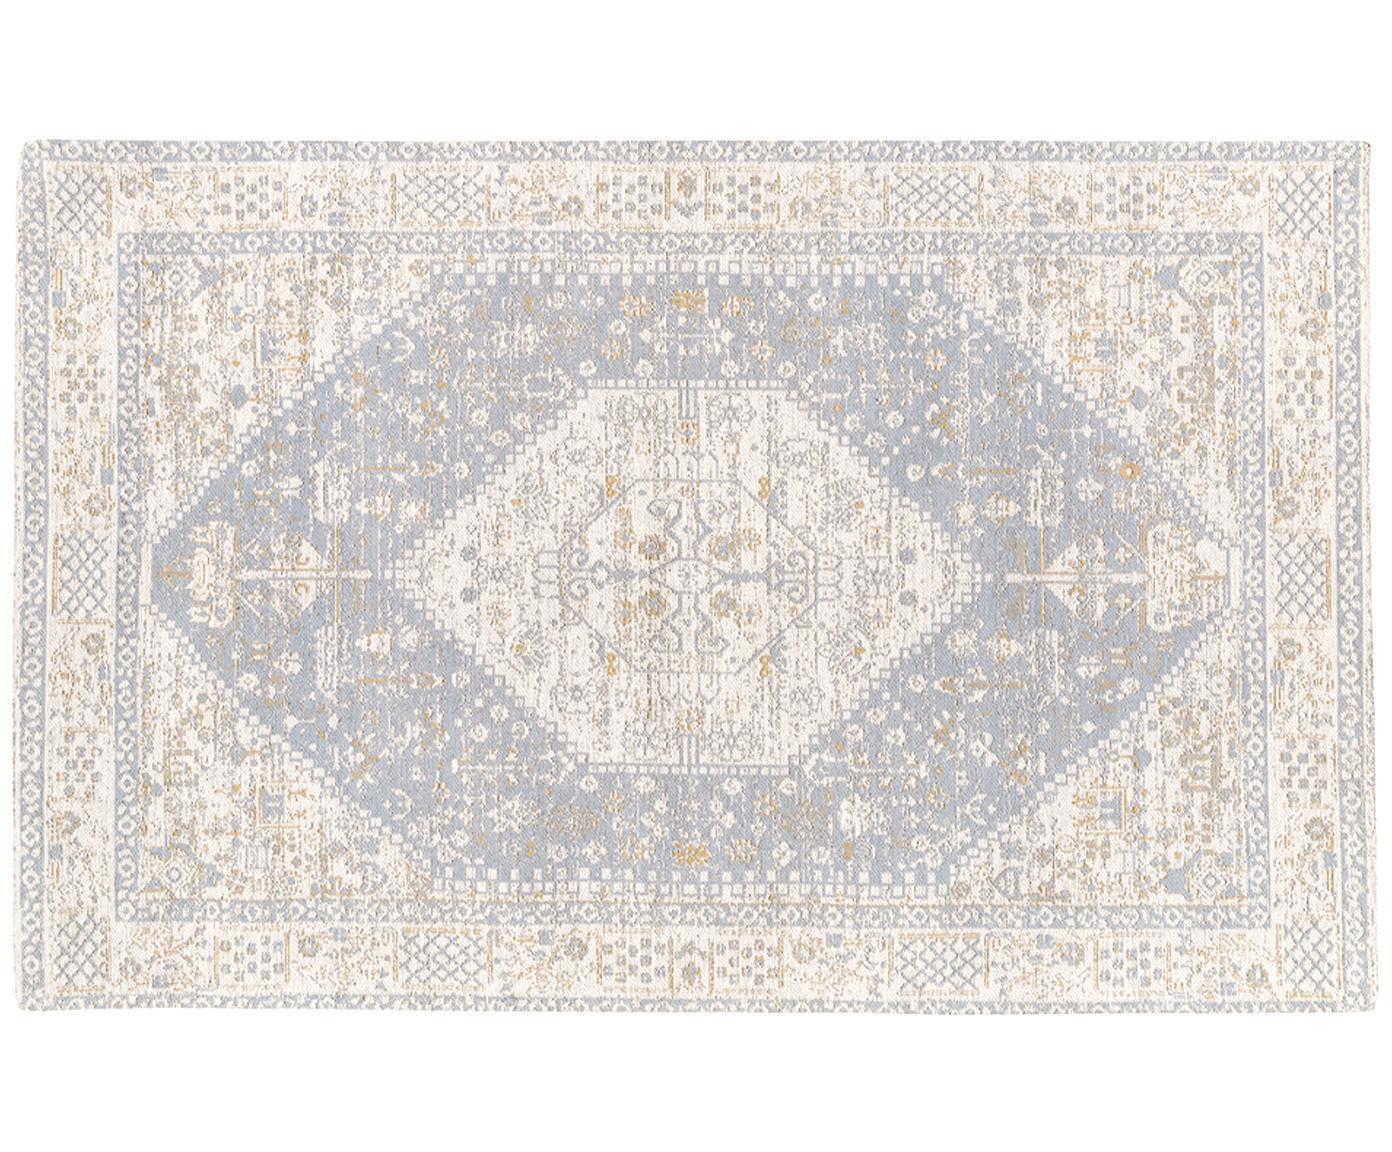 Handgewebter Chenilleteppich Neapel im Vintage Style, Flor: 95% Baumwolle, 5% Polyest, Hellgrau, Creme, Taupe, B 120 x L 180 cm (Grösse S)